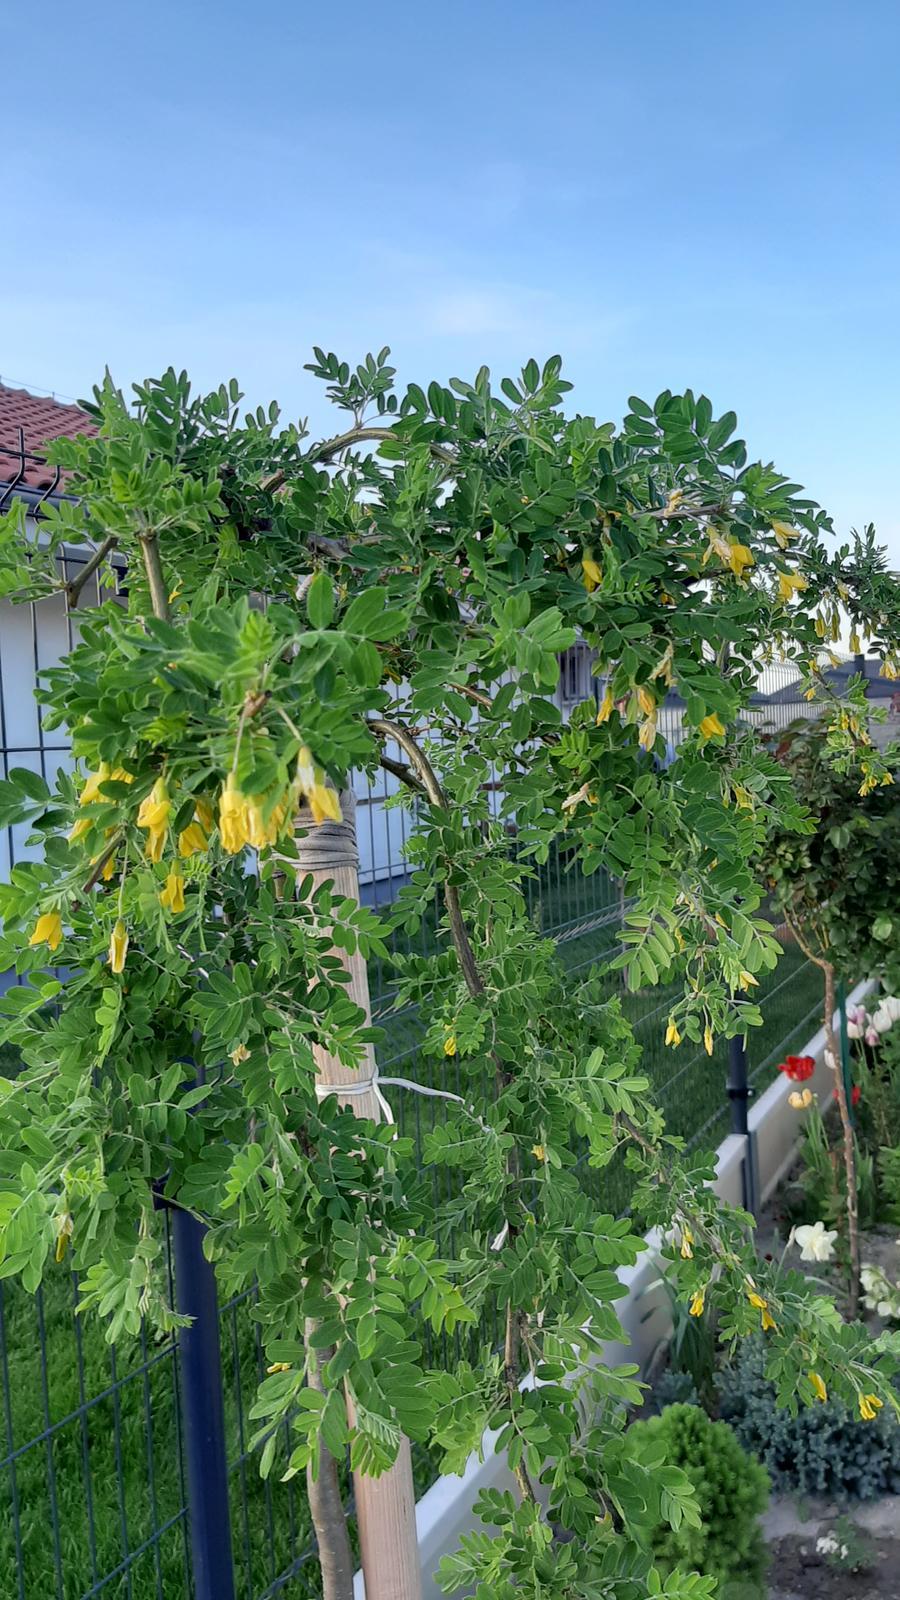 🏠🌞🌺❤🌷 Zahrada a jej dalsi rok...2020 🌱🐞🐛🦋🍓🥕🍅🌺❤ - Karagana zakvita...tiez prezila presadenie.